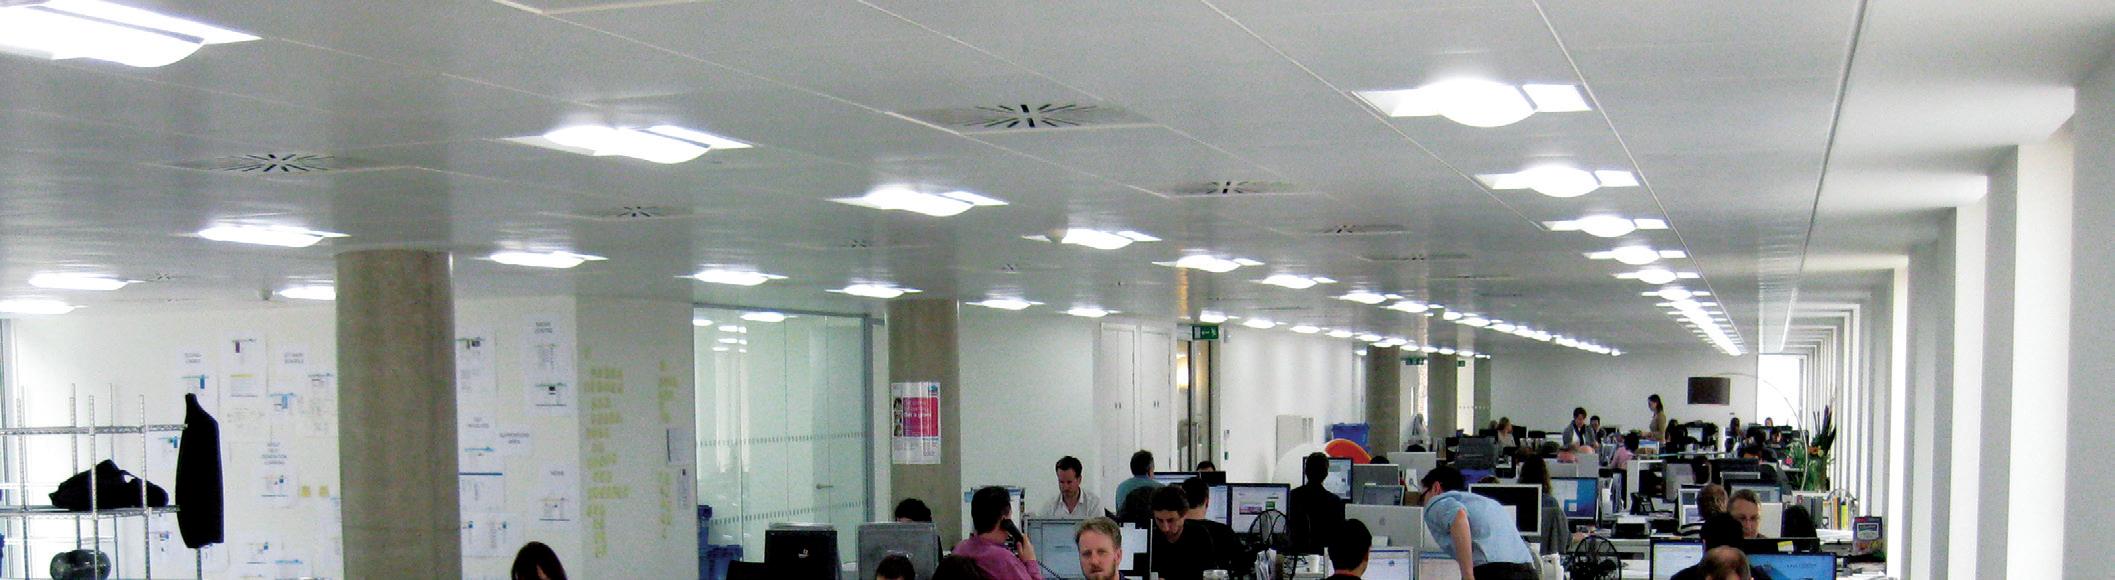 dalle-TOPA-eclairage-commerces-bureautiques